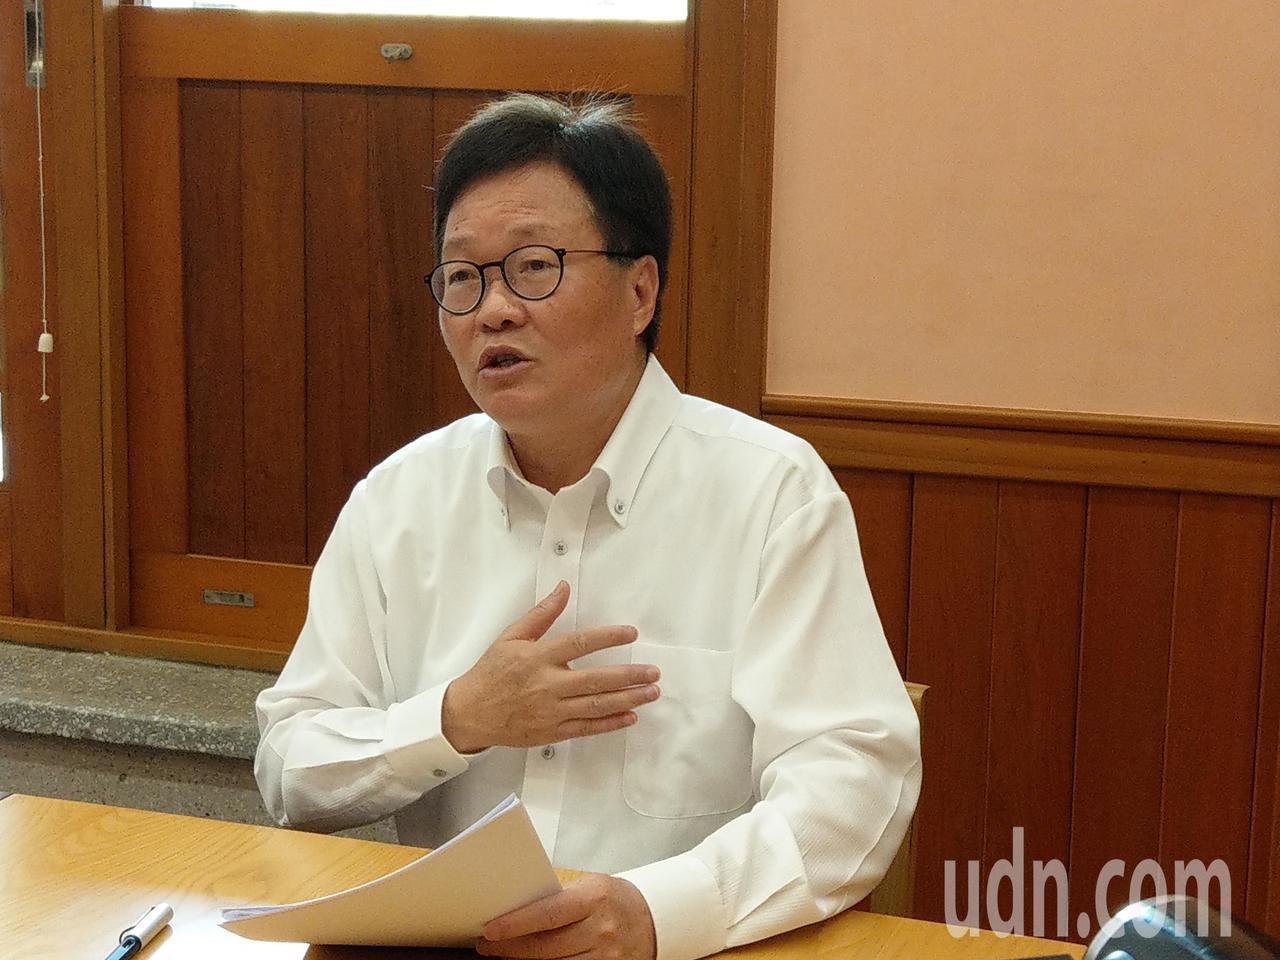 宜蘭代理縣長陳金德說,大縣市的交通建設每個案子都是「政策」決定,既然是政策決定,...